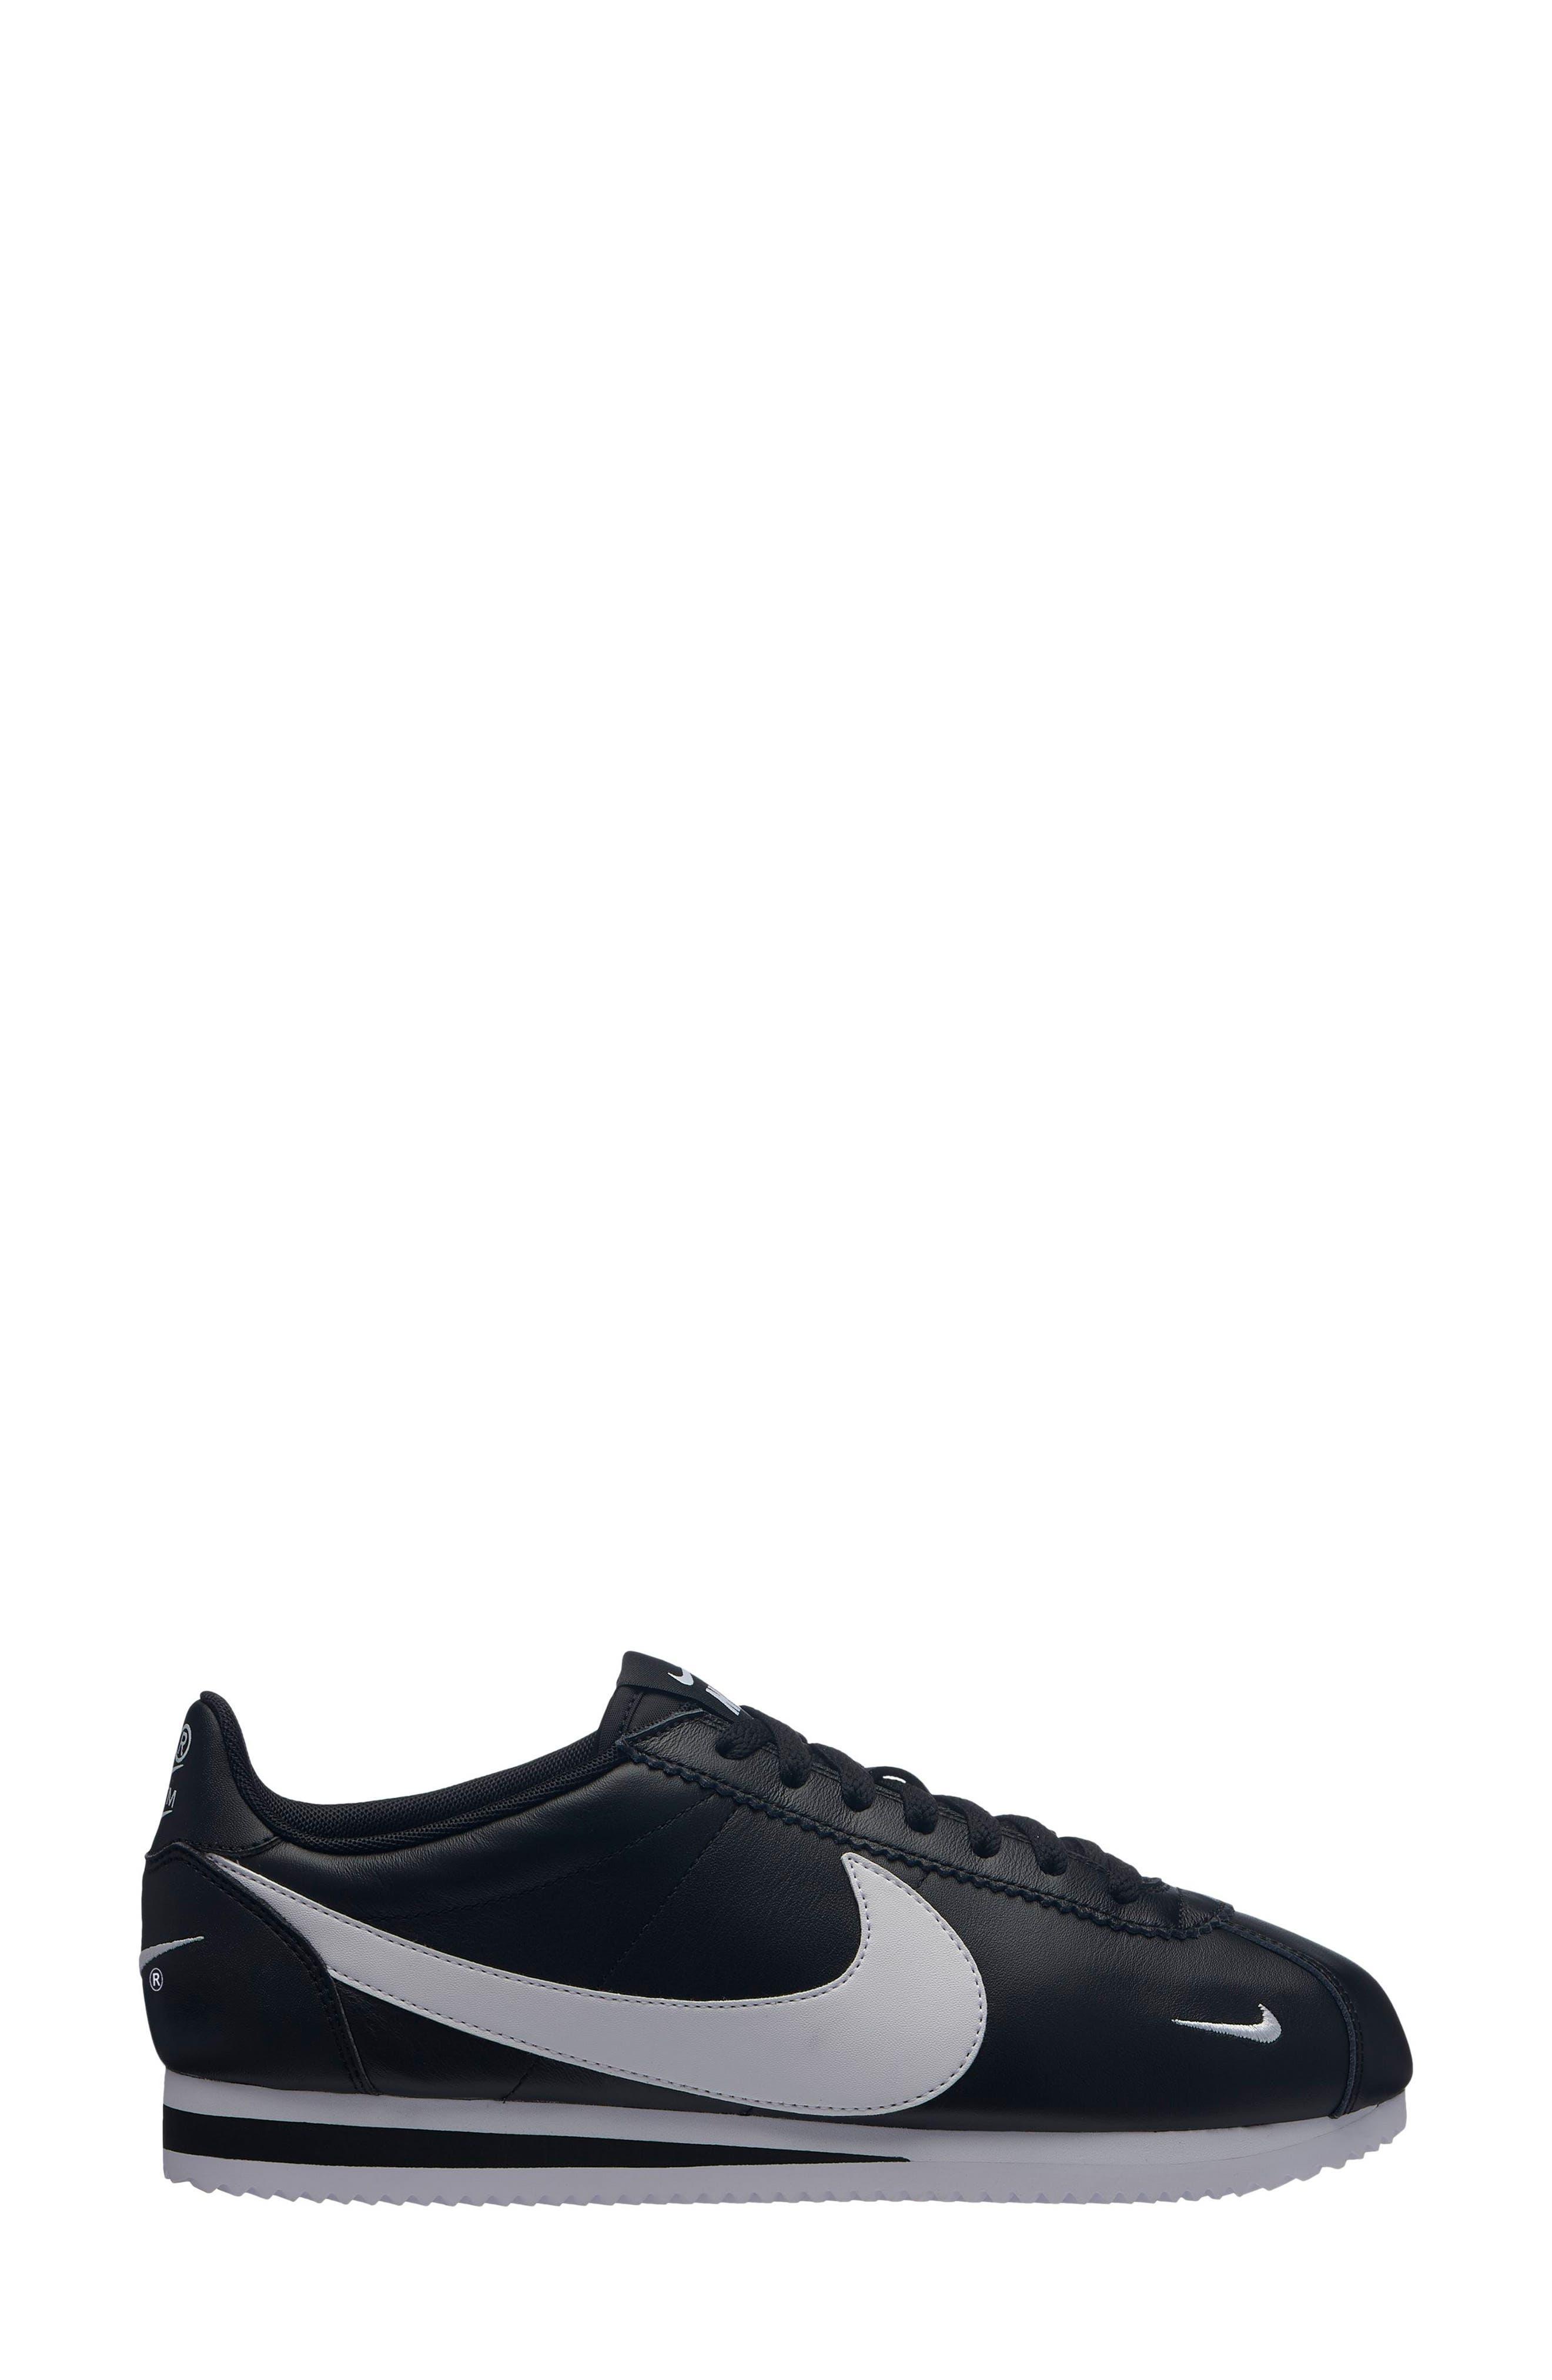 Classic Cortez Premium Sneaker in Black/ White